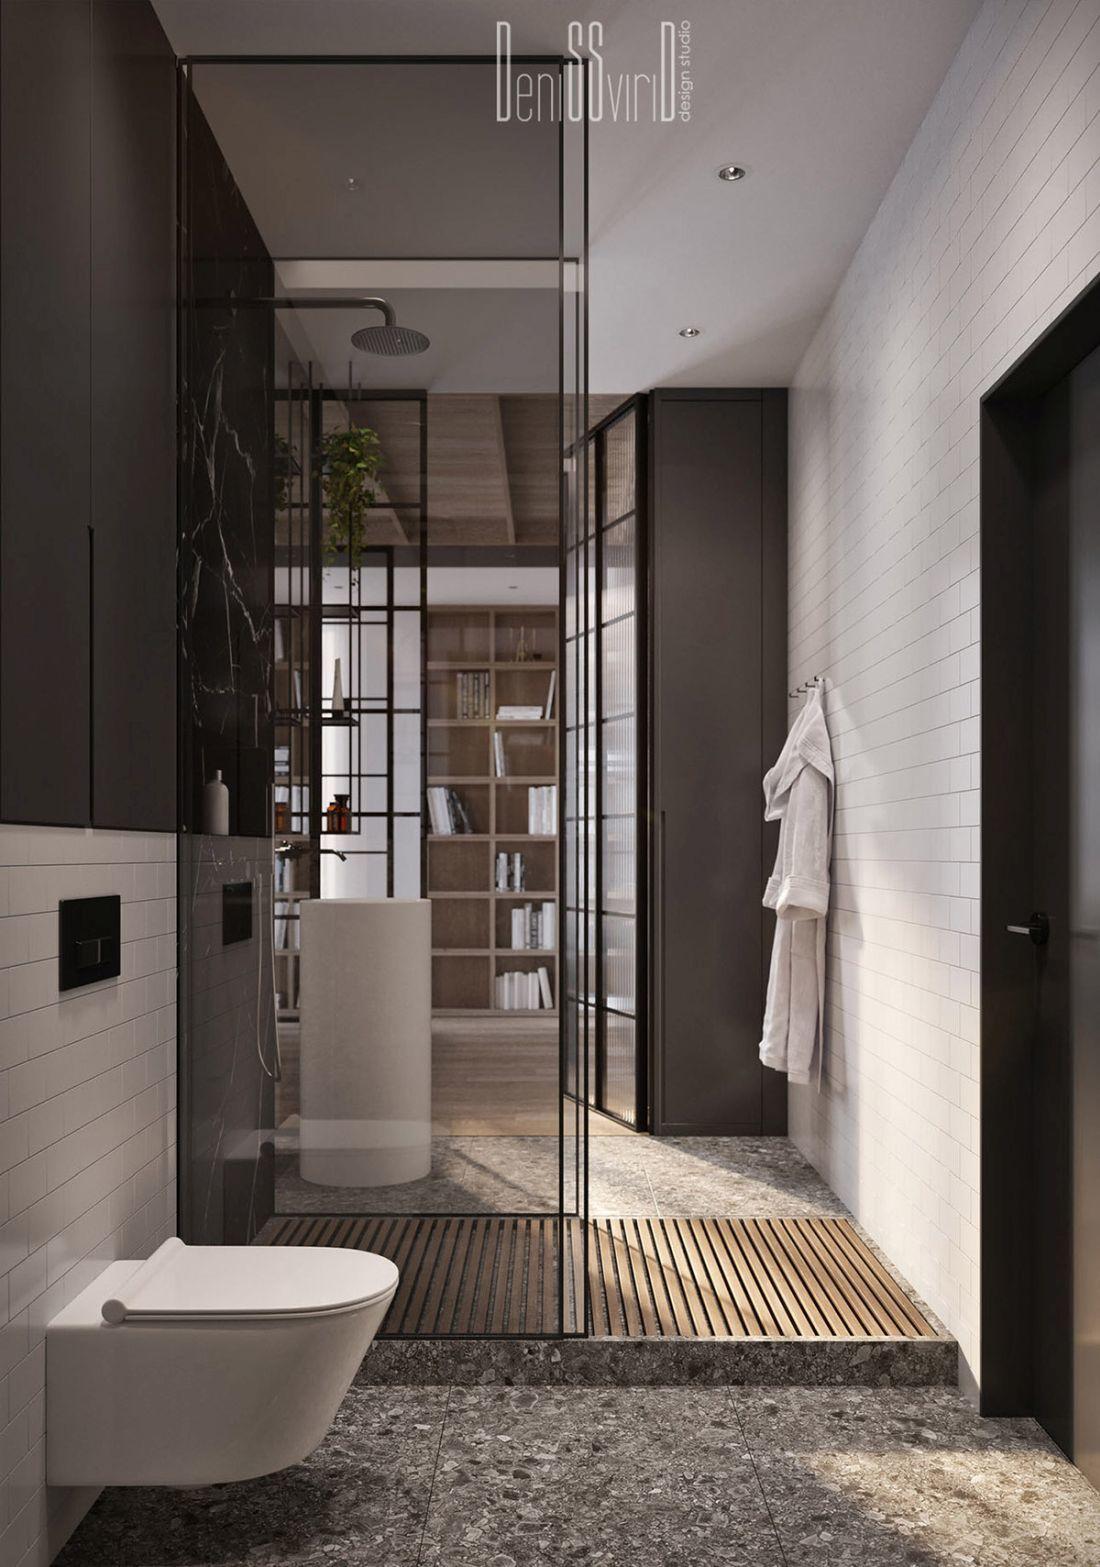 Stílusos loft stílusú fürdőszoba berendezés